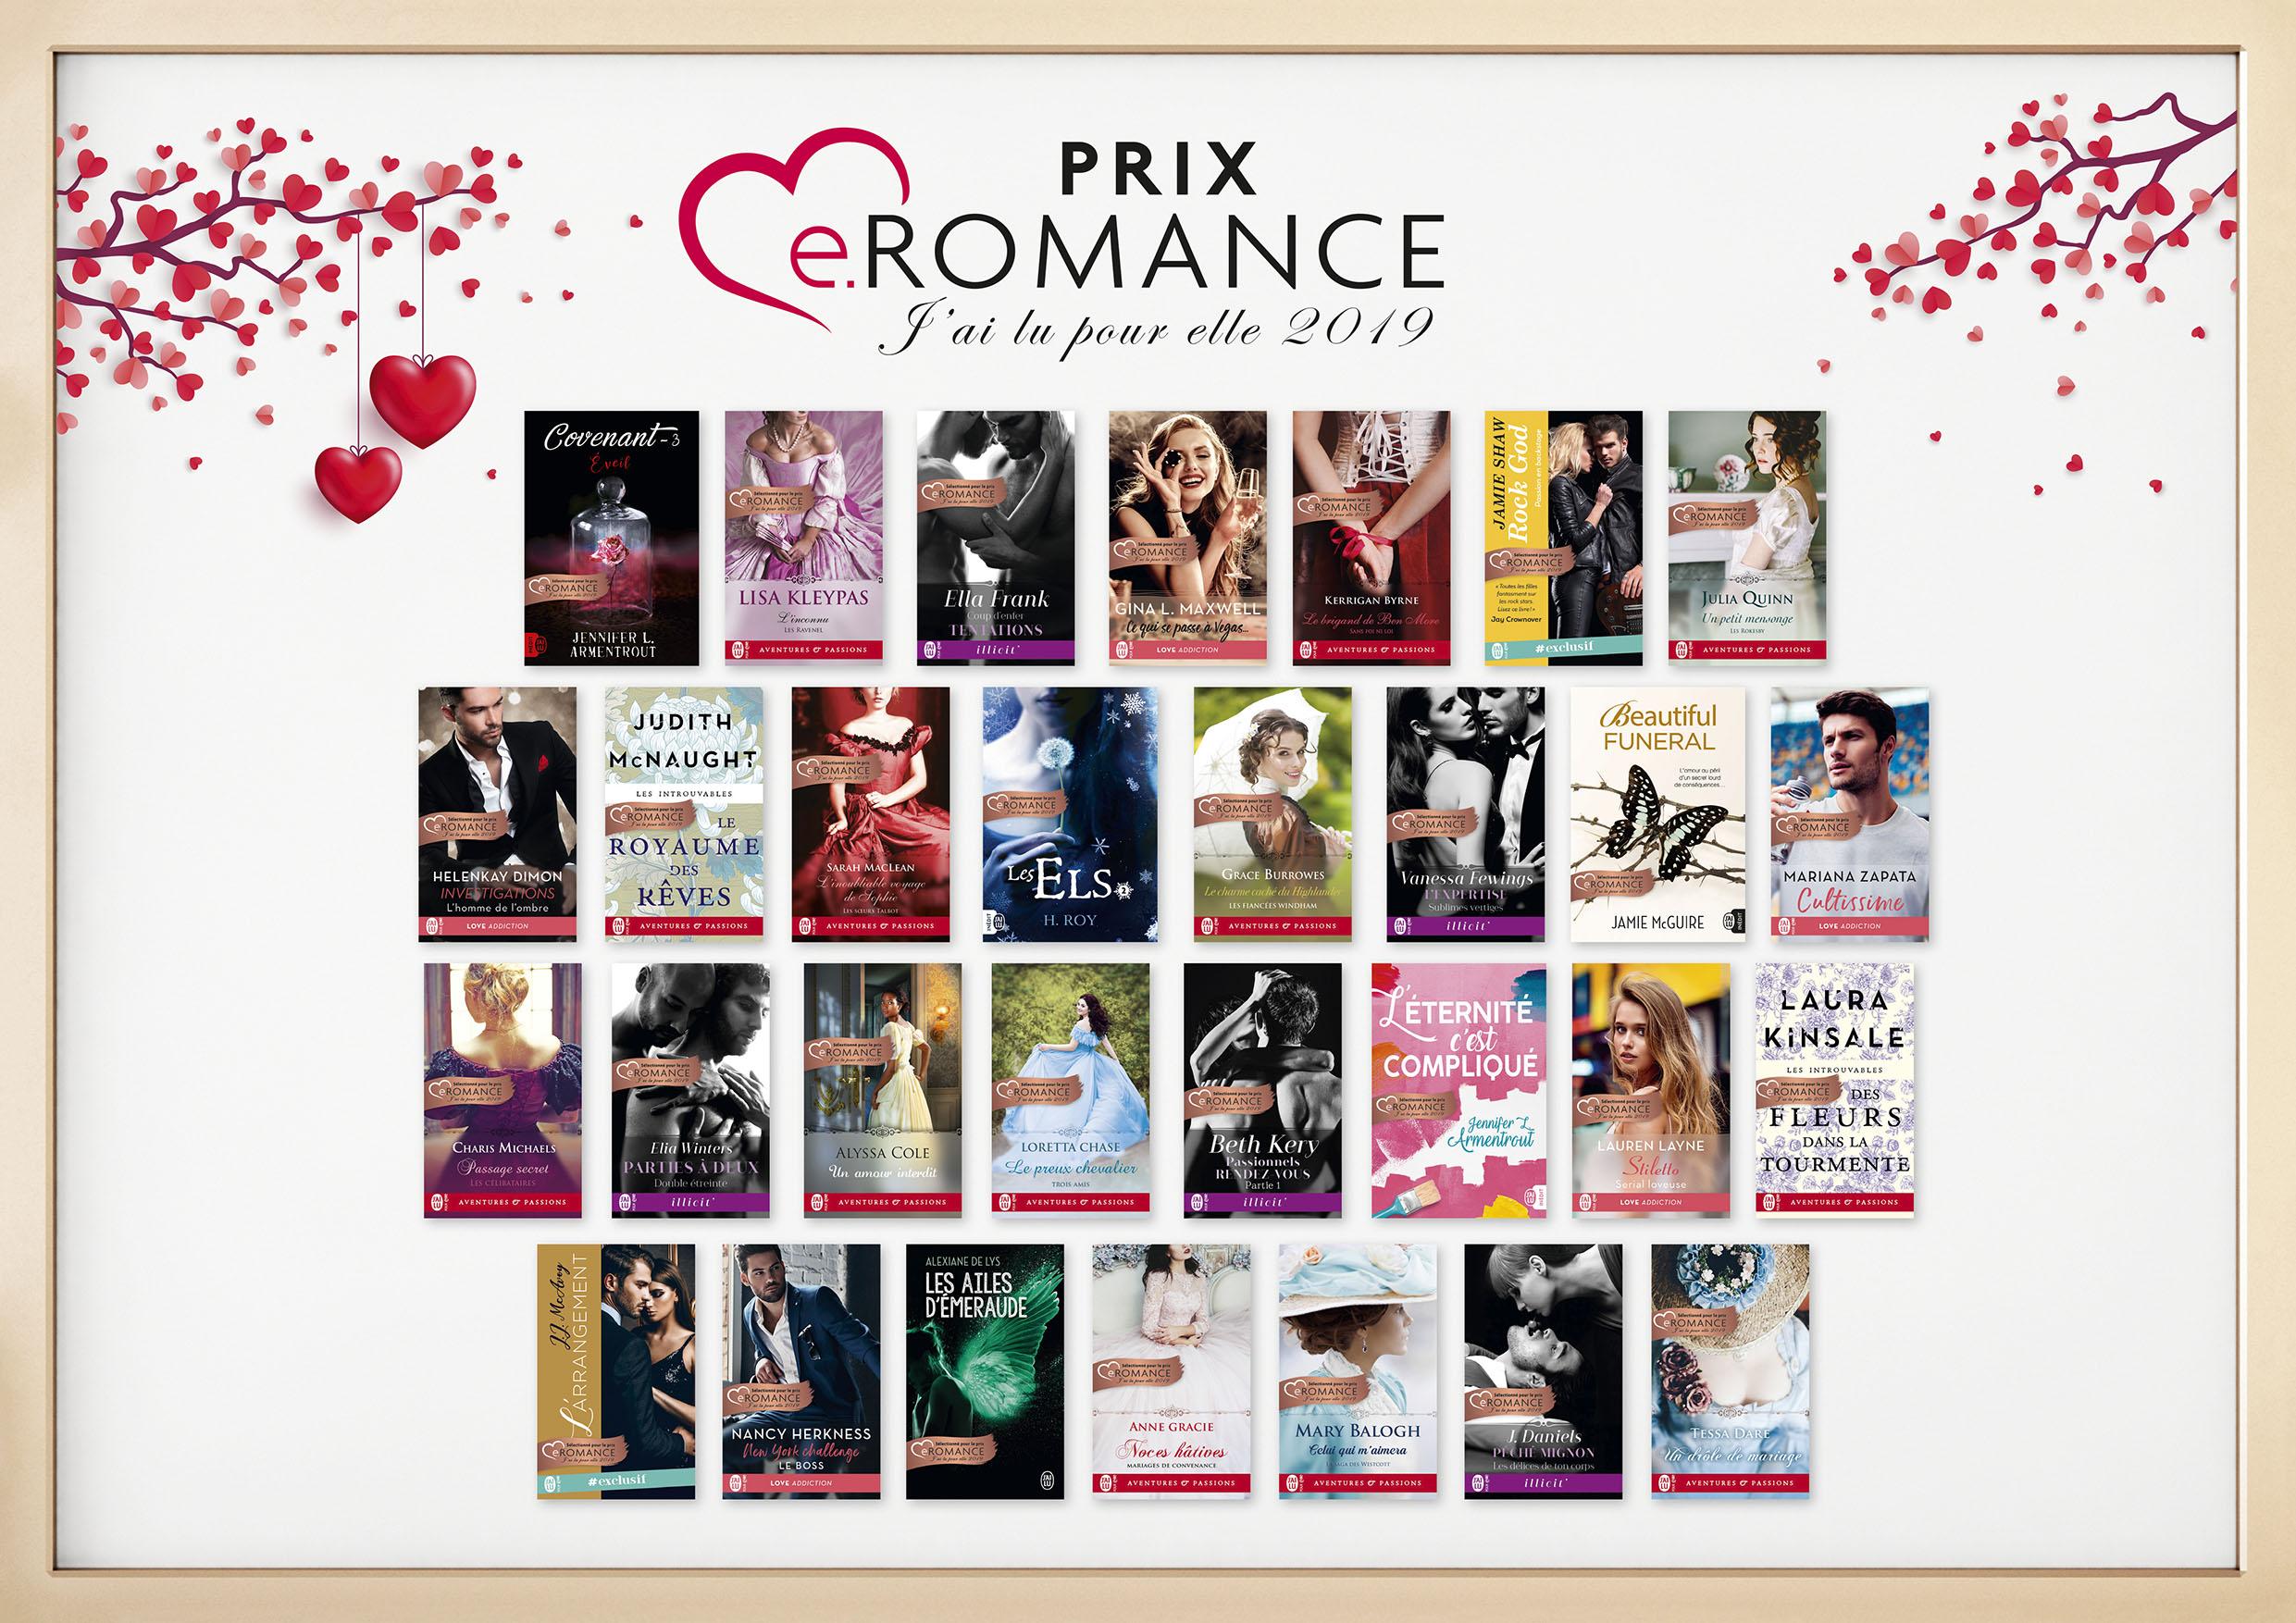 Prix e.Romance J'ai Lu Pour Elle 2019 Affich10